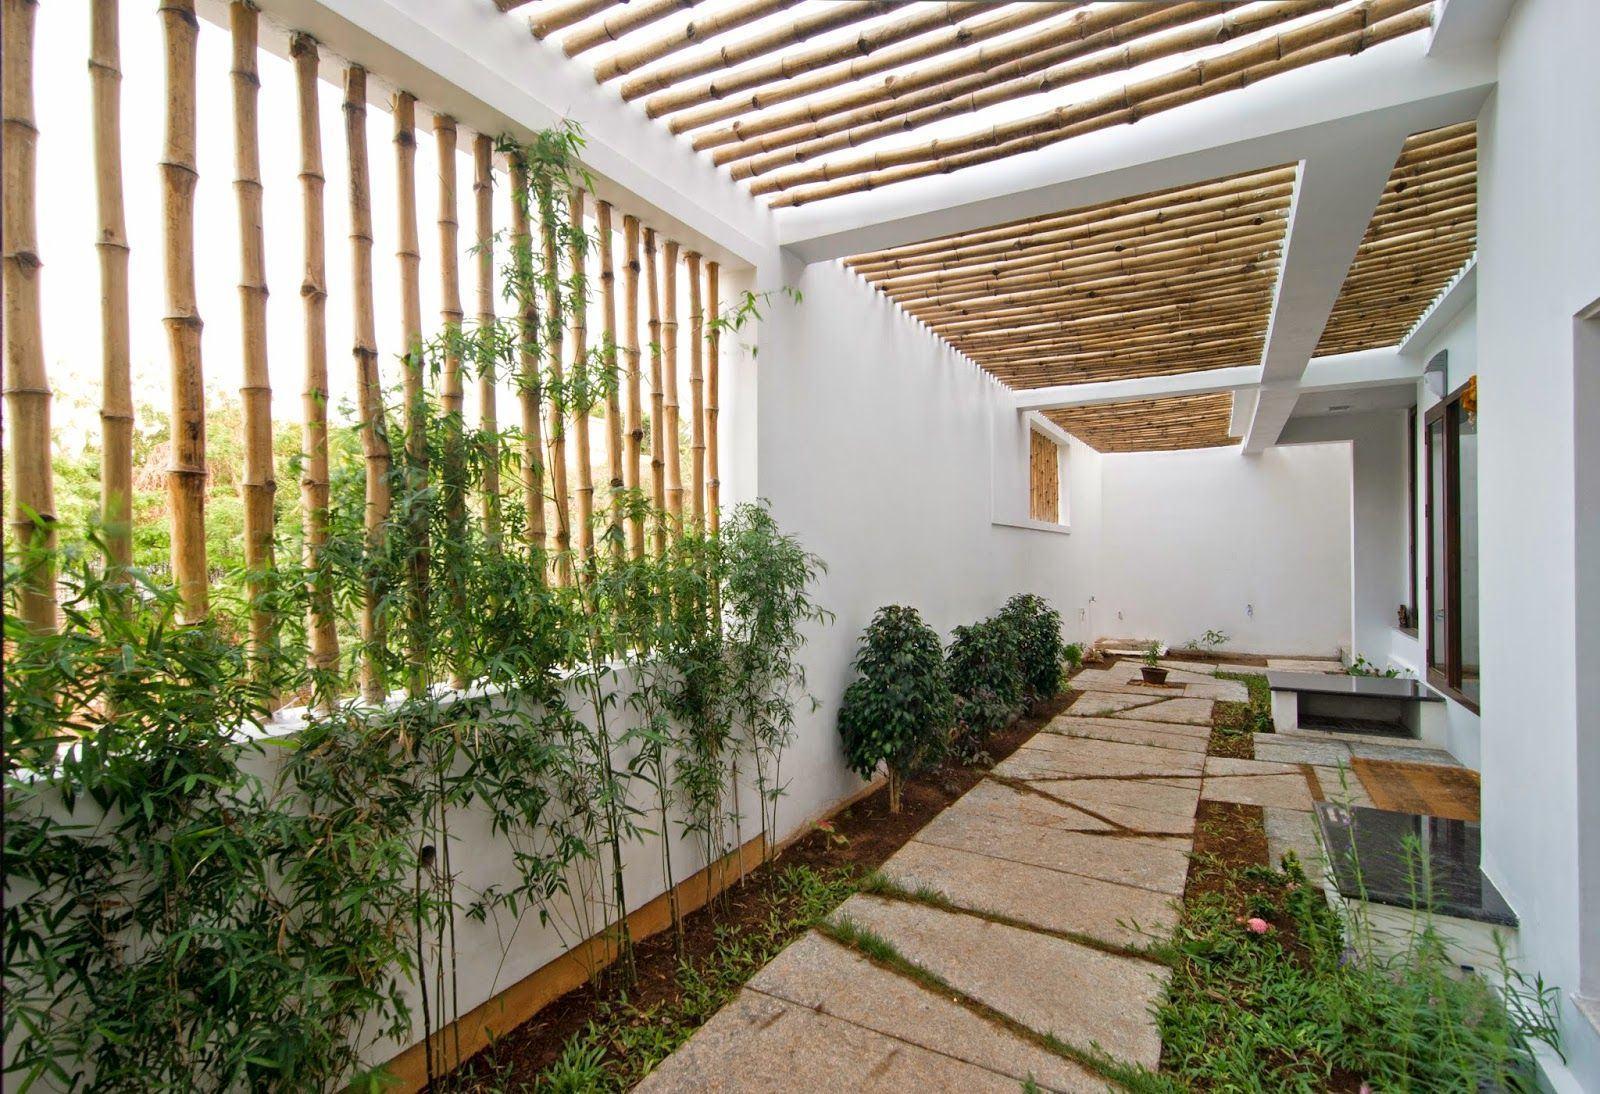 Pergolado de bambu 60 modelos fotos e como fazer - Pergolas de bambu ...